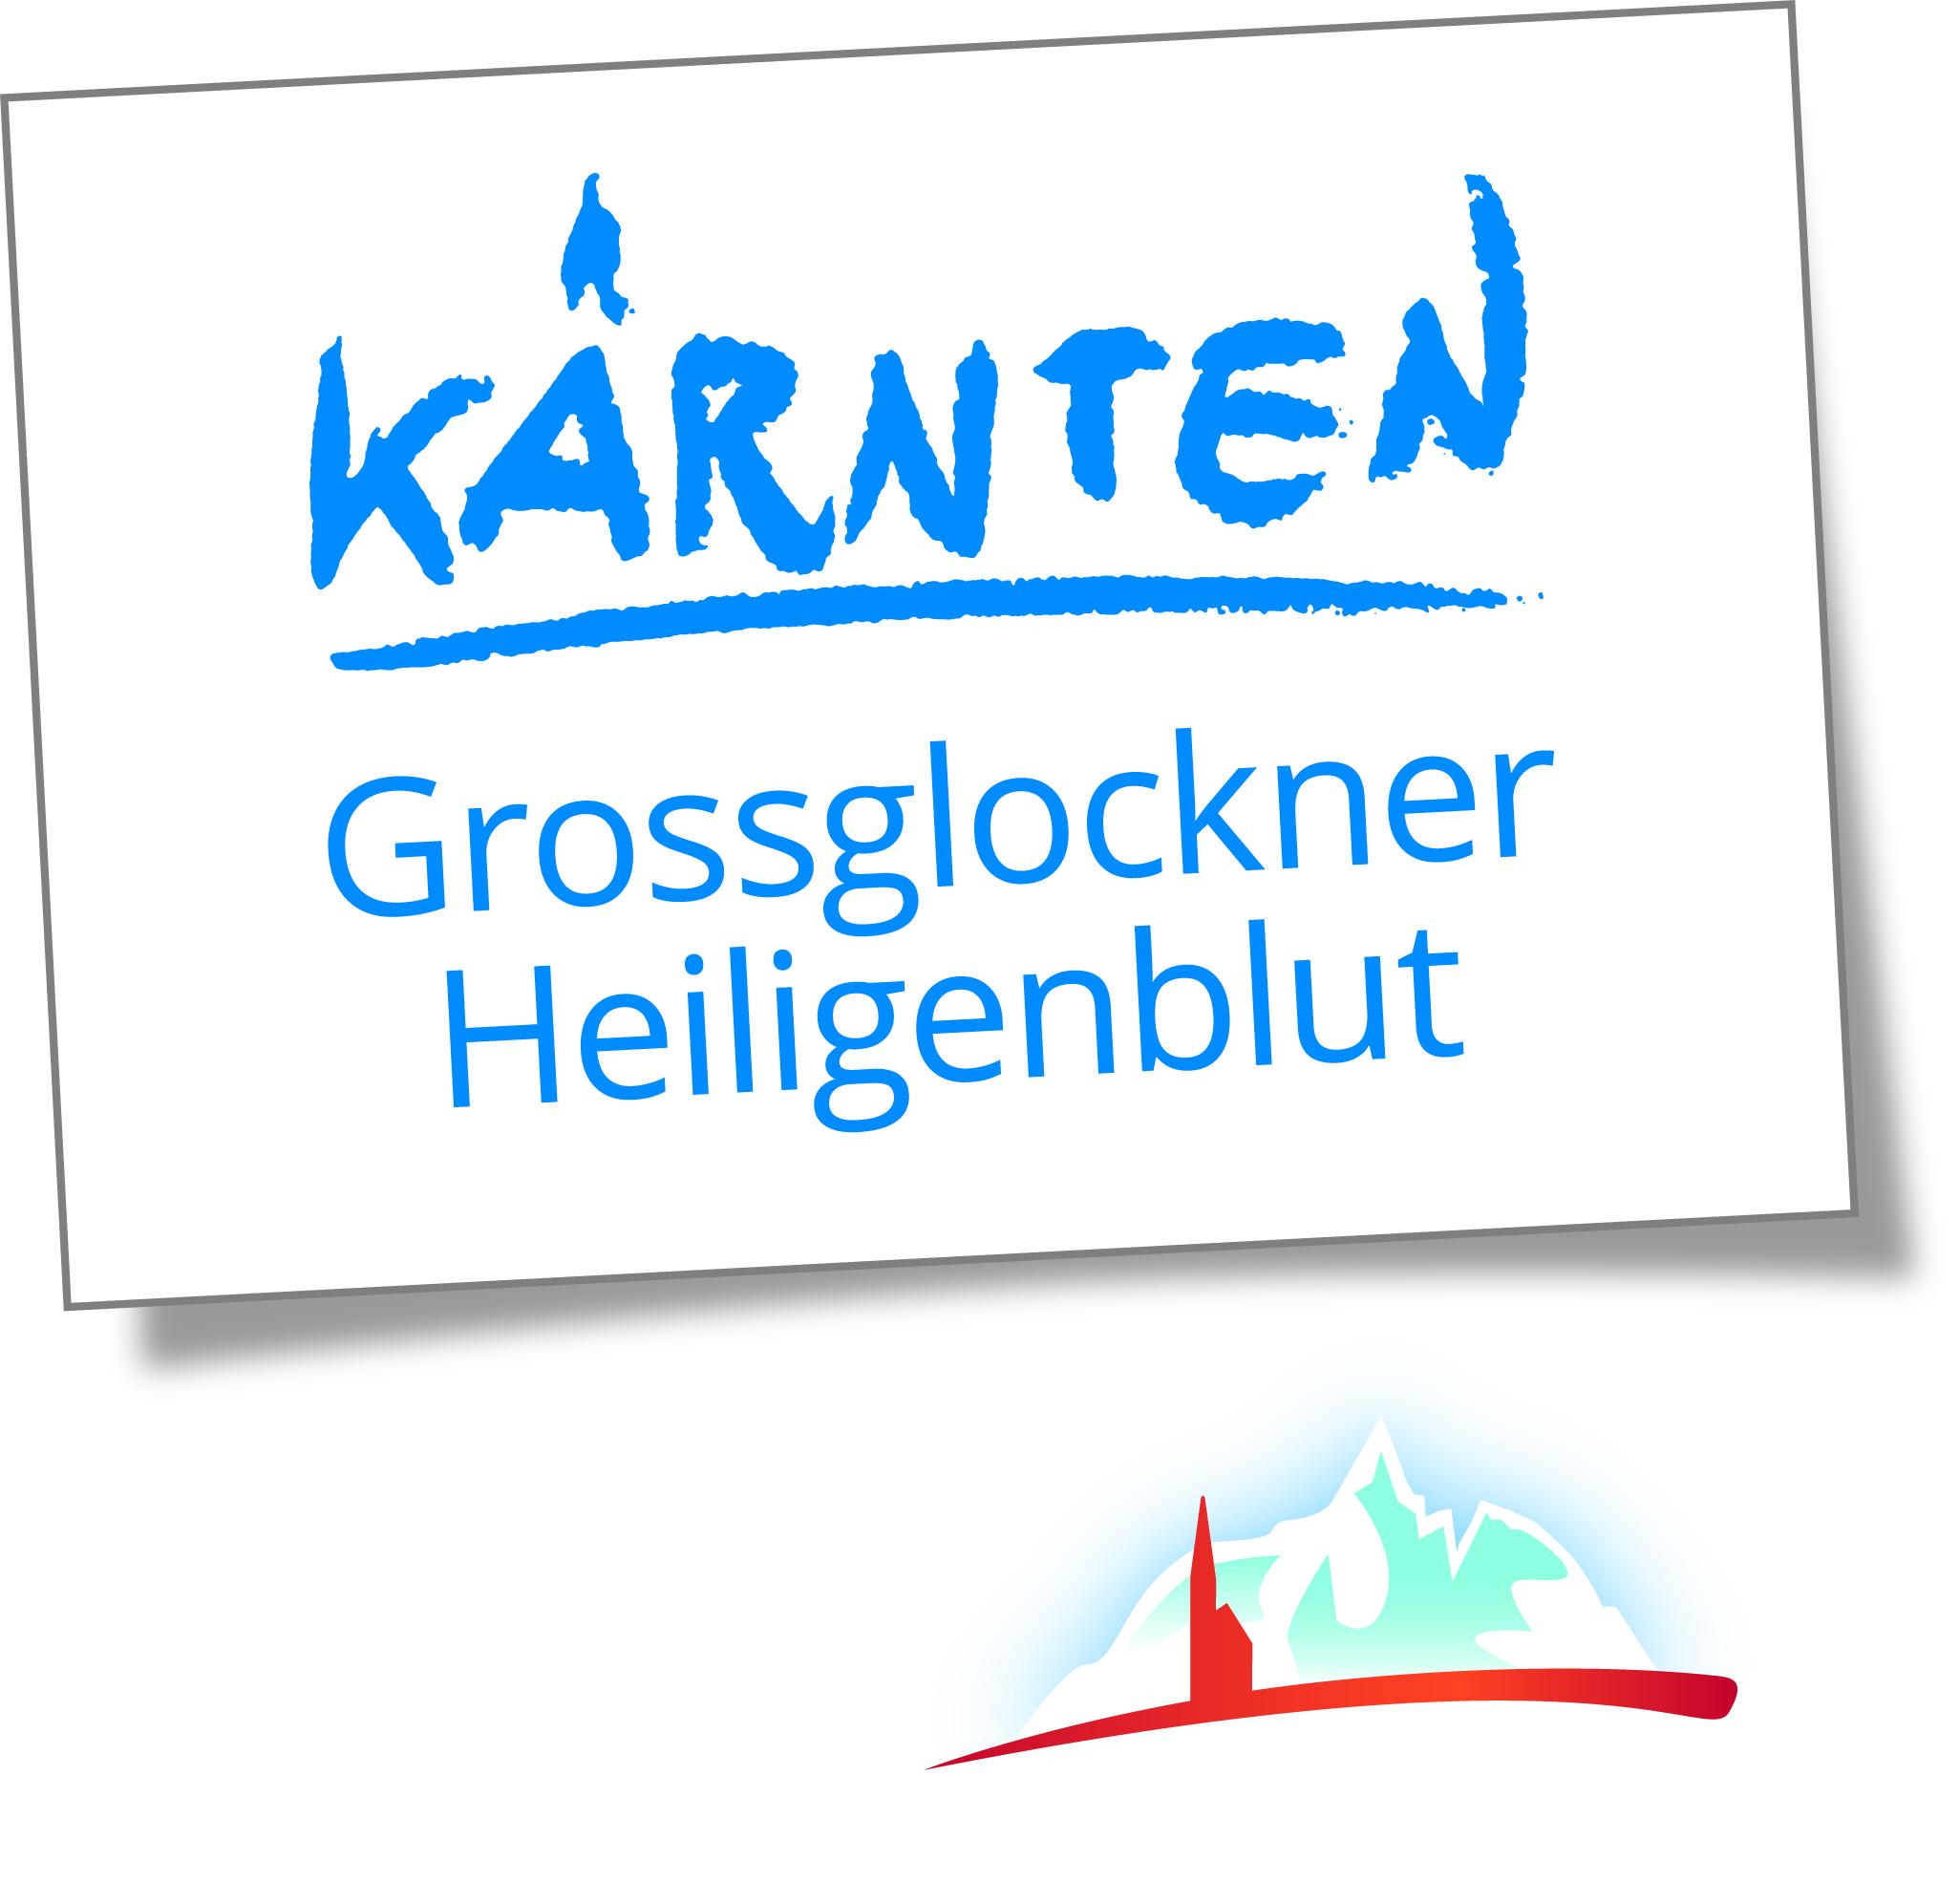 DT_K_GrossglocknerHeiligenblut_L_CMYK.jpg